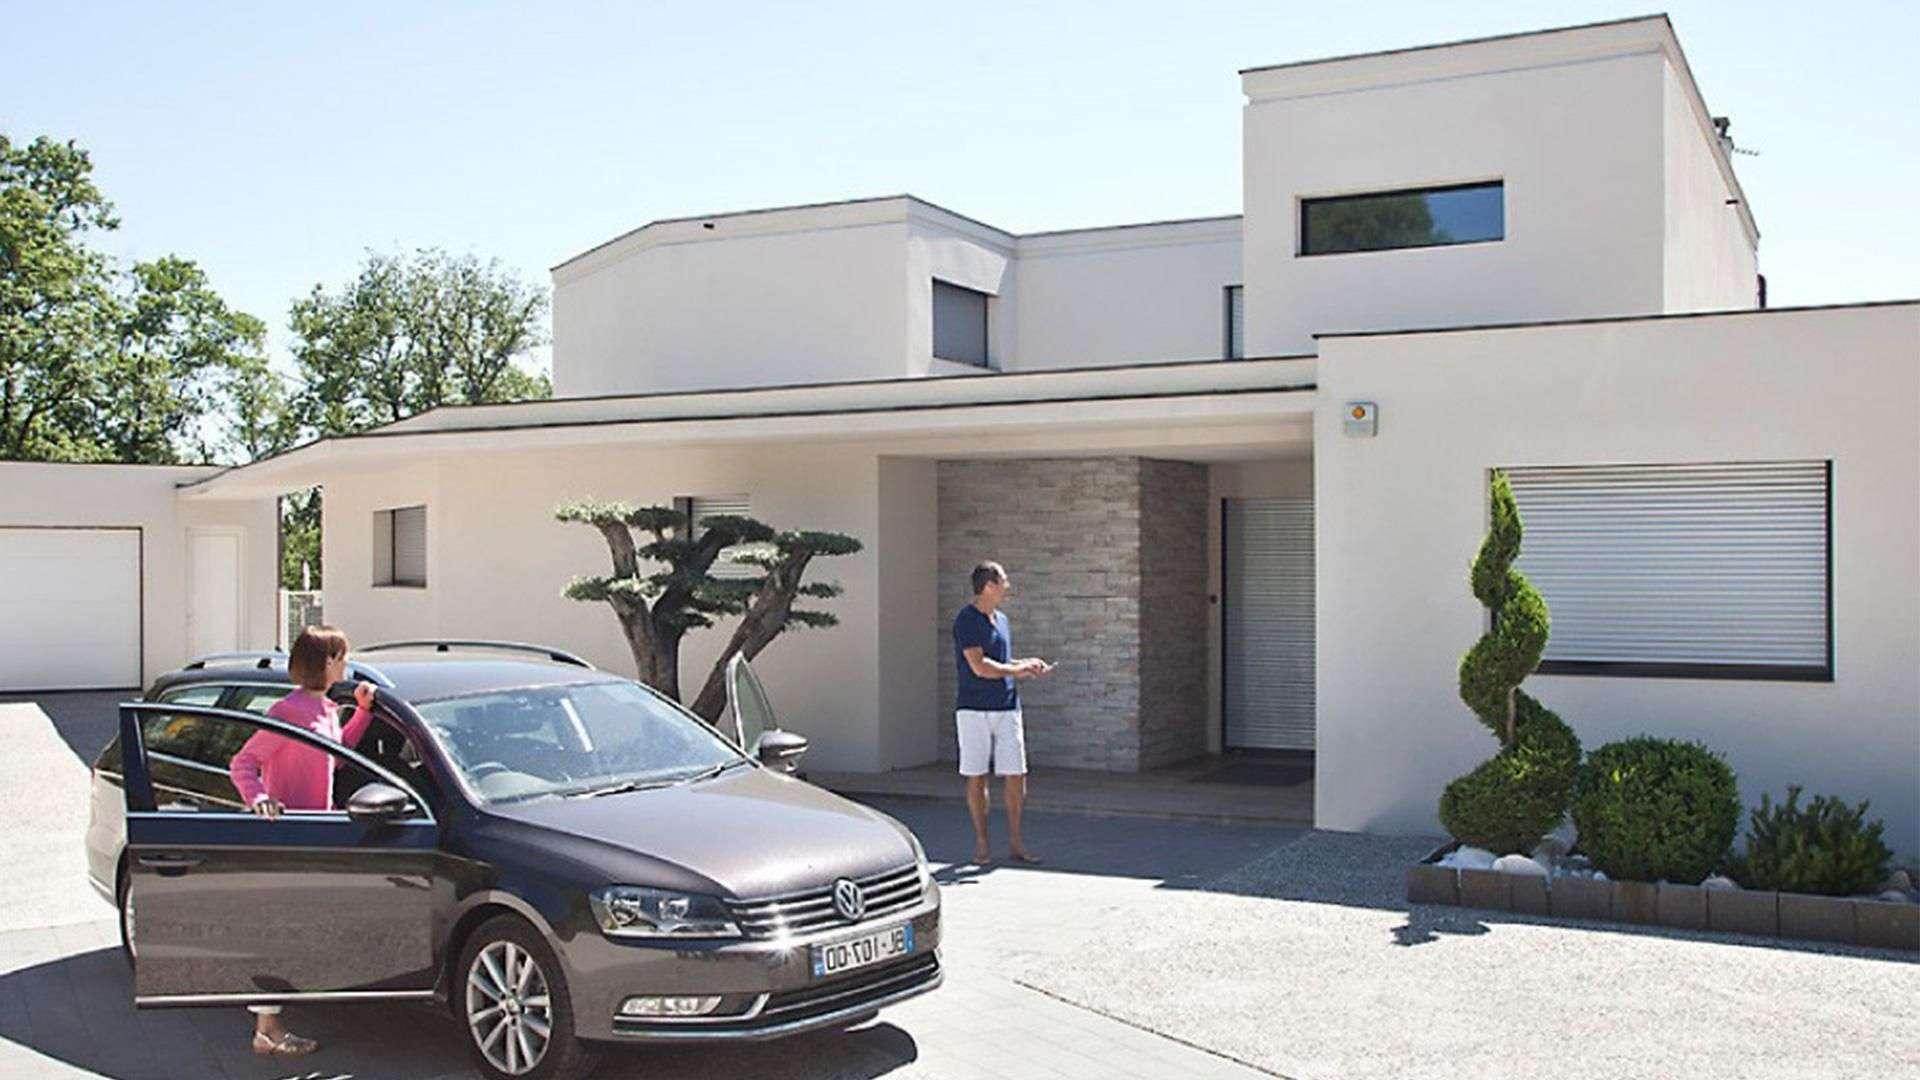 modernes Haus mit Auto davor, wo zwei Personen aussteigen